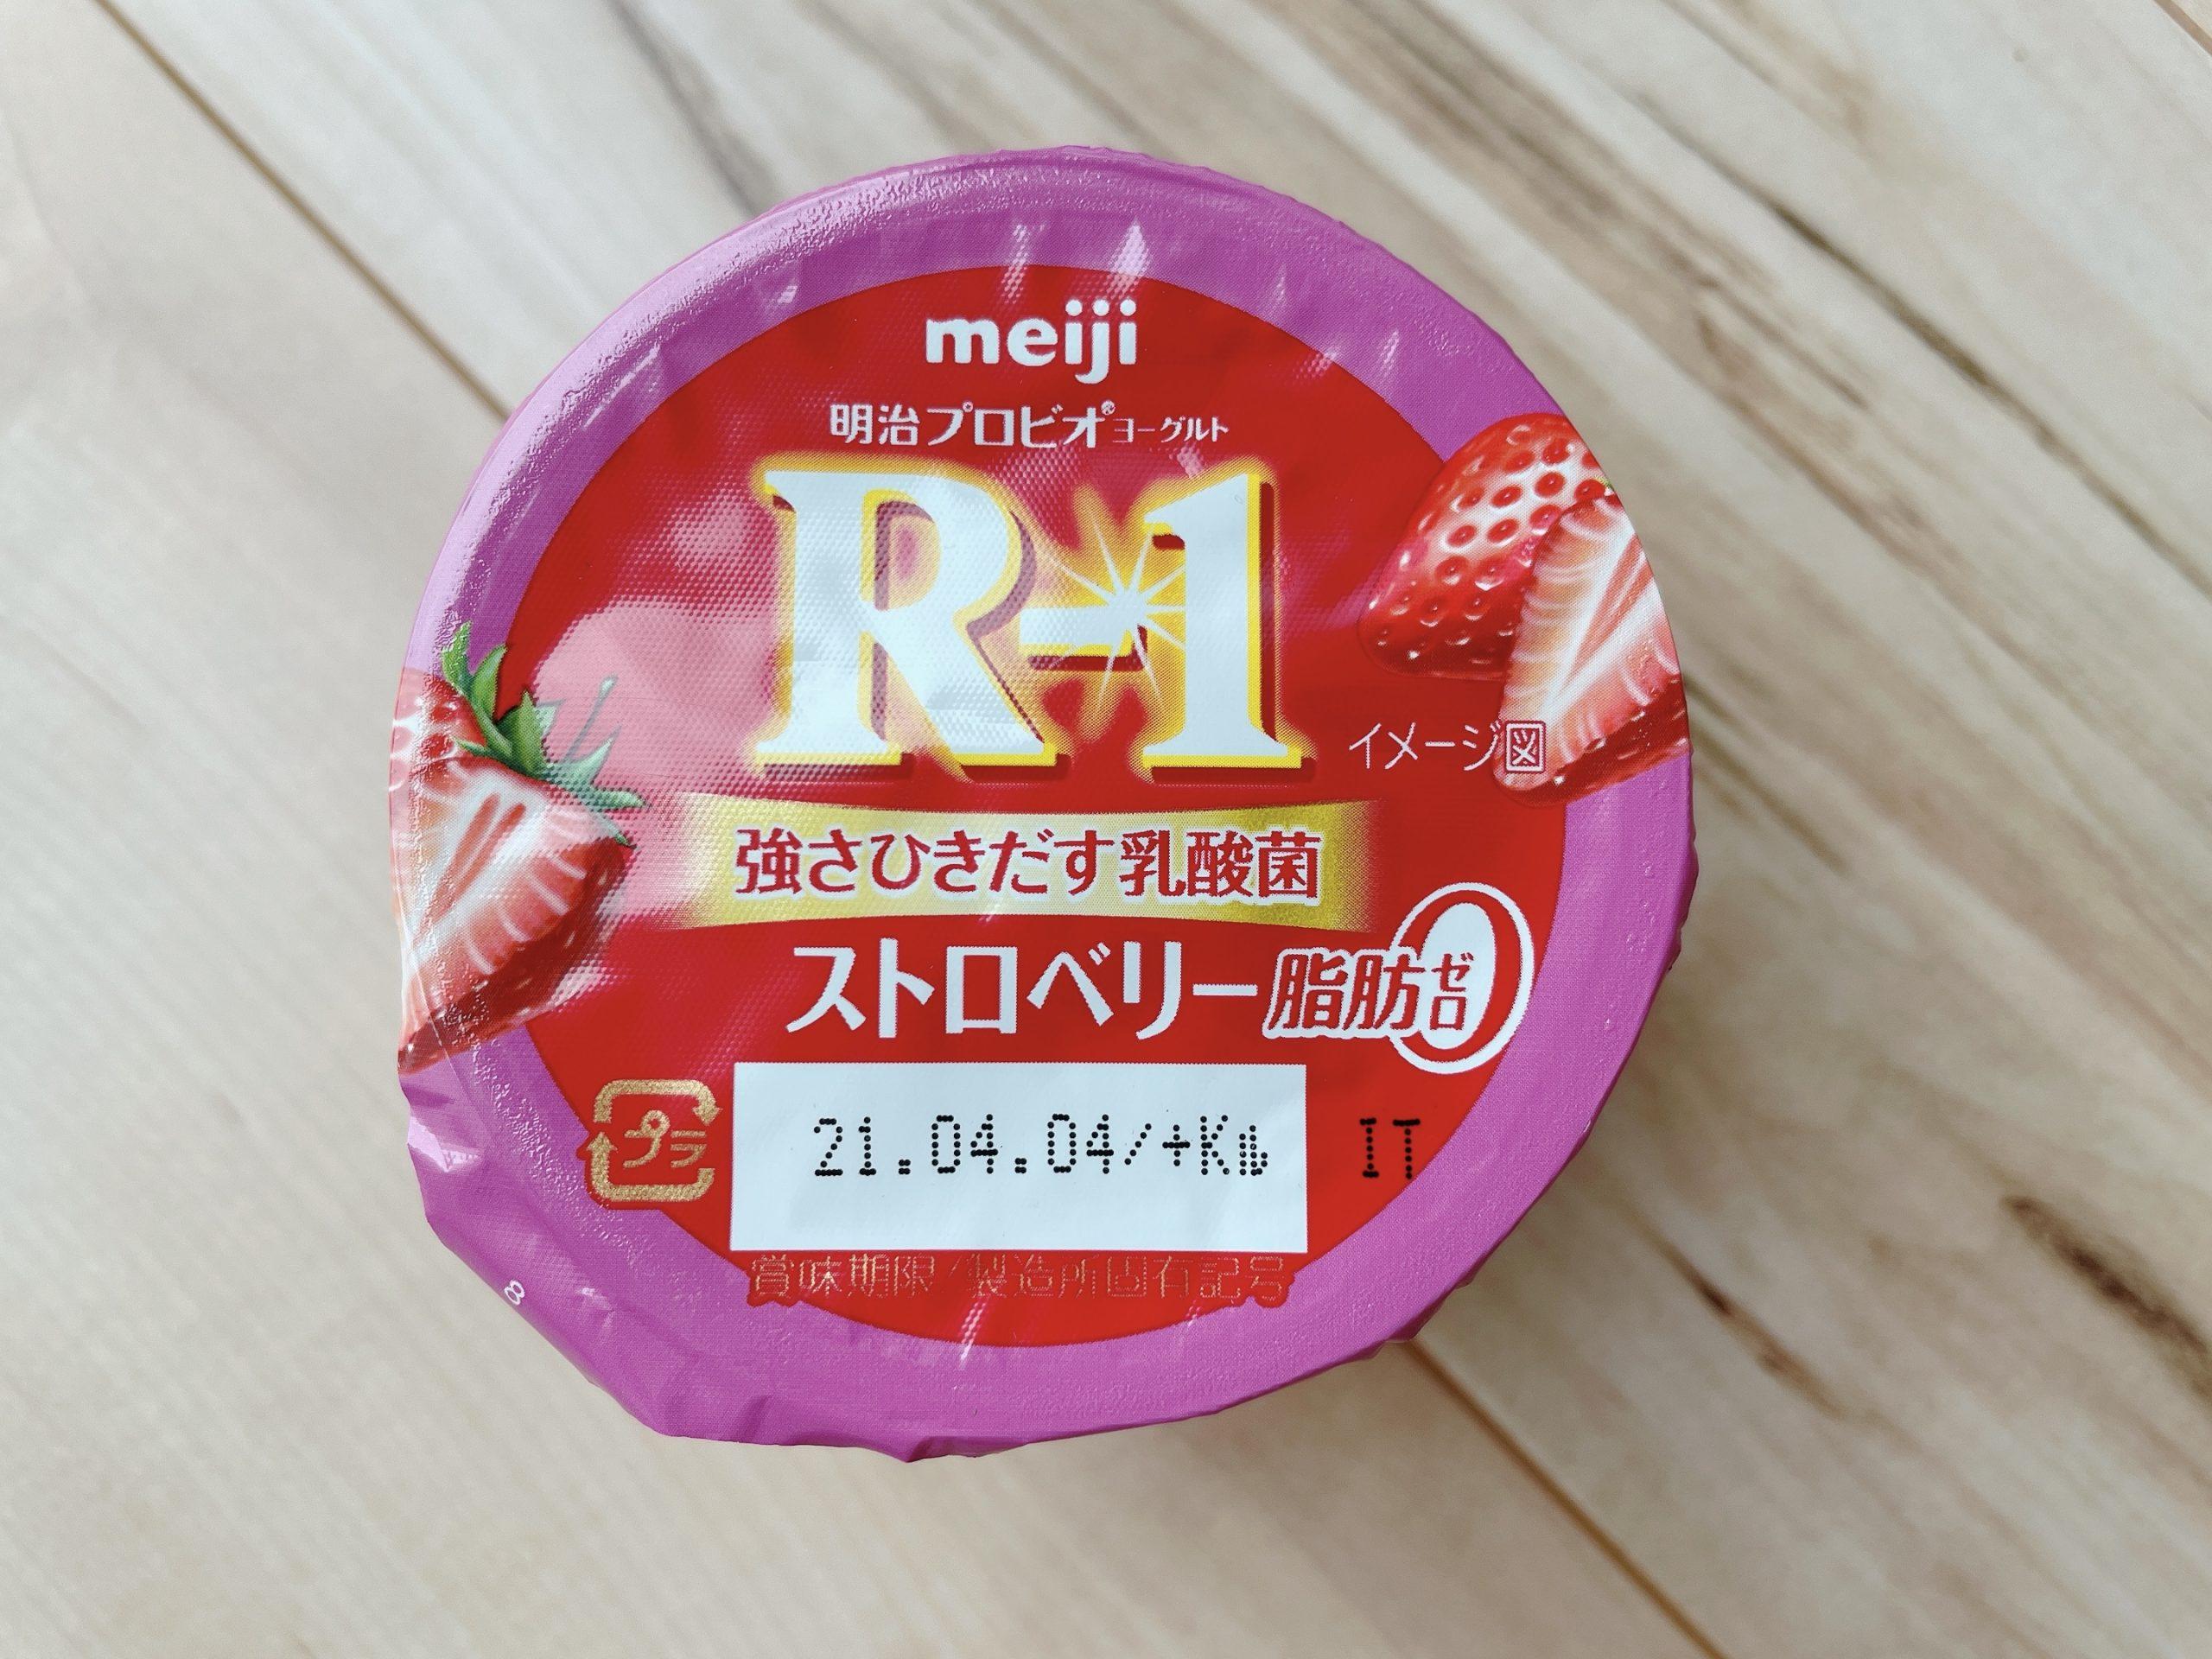 R-1ストロベリー脂肪0のパッケージ